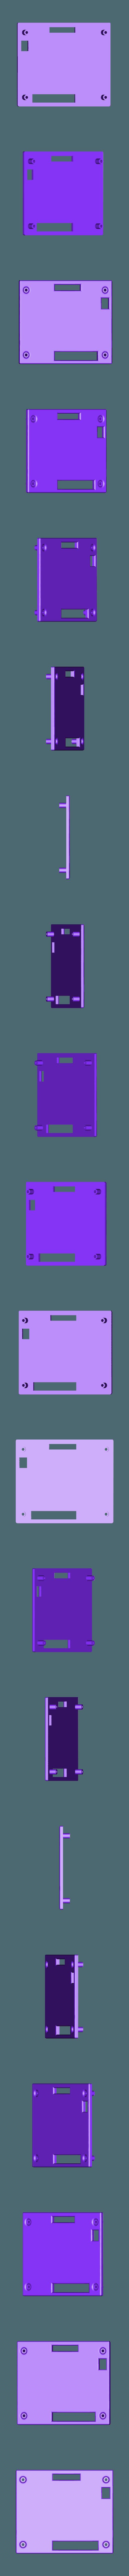 SKR_display_v2.stl Download free STL file Display cases for Ender 3 and BIGTREETECH TFT35 V1.2 control panel TFT 3.5 v2 • 3D print model, michal0082